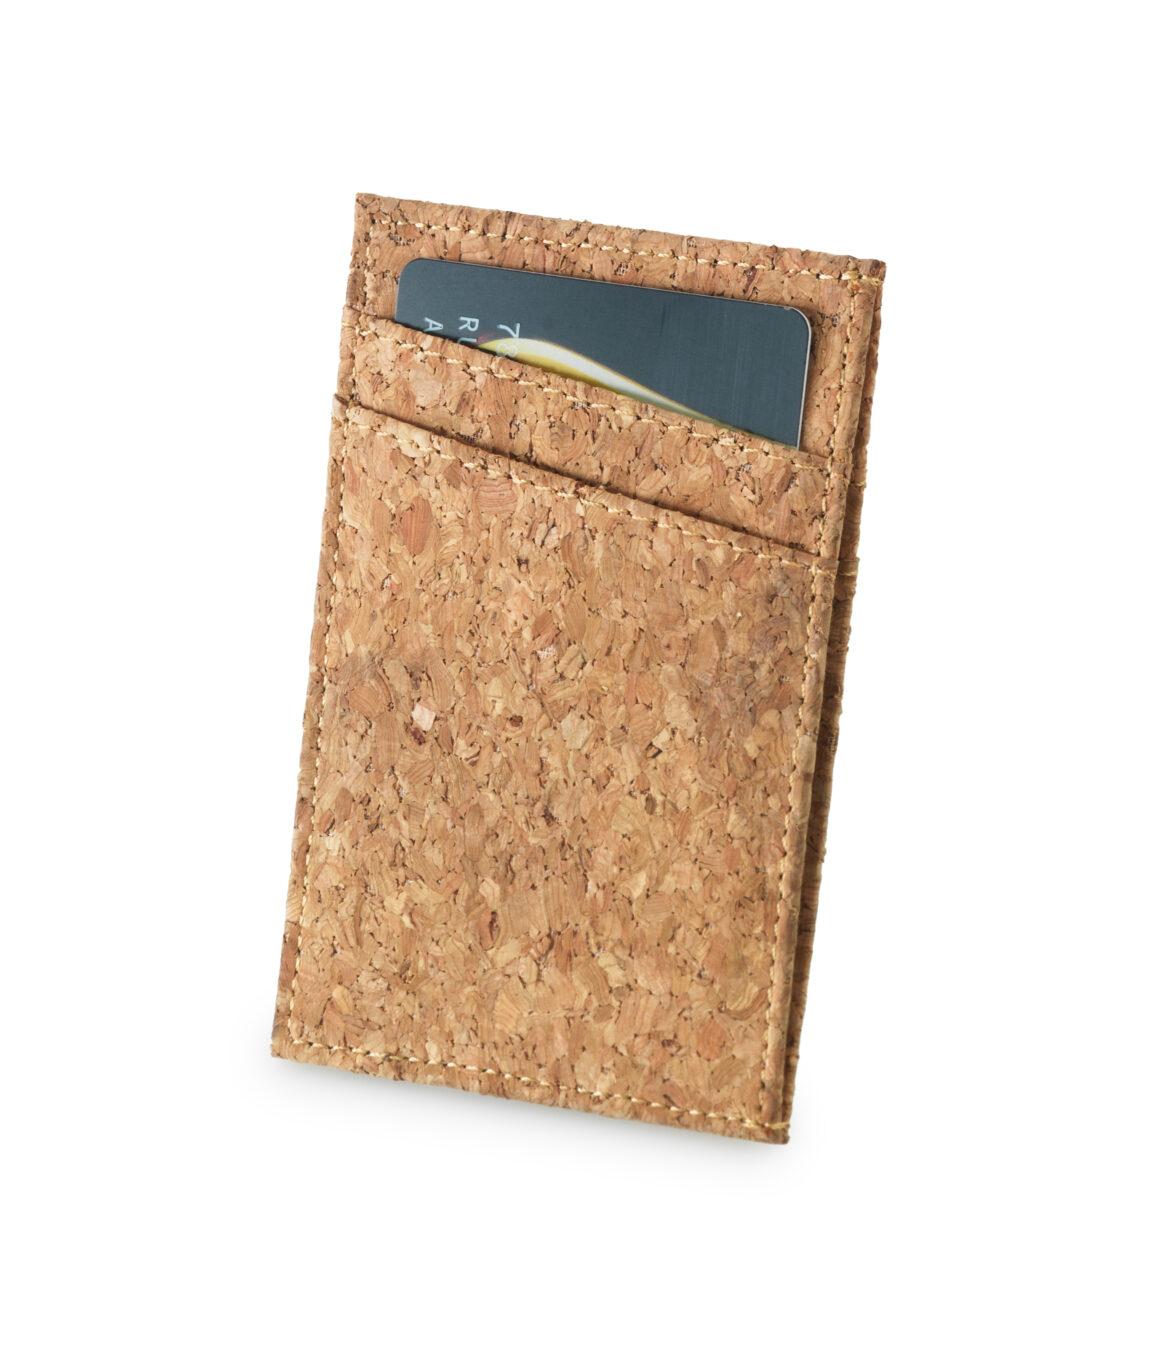 Pentewen Wallet Product Code GP93319